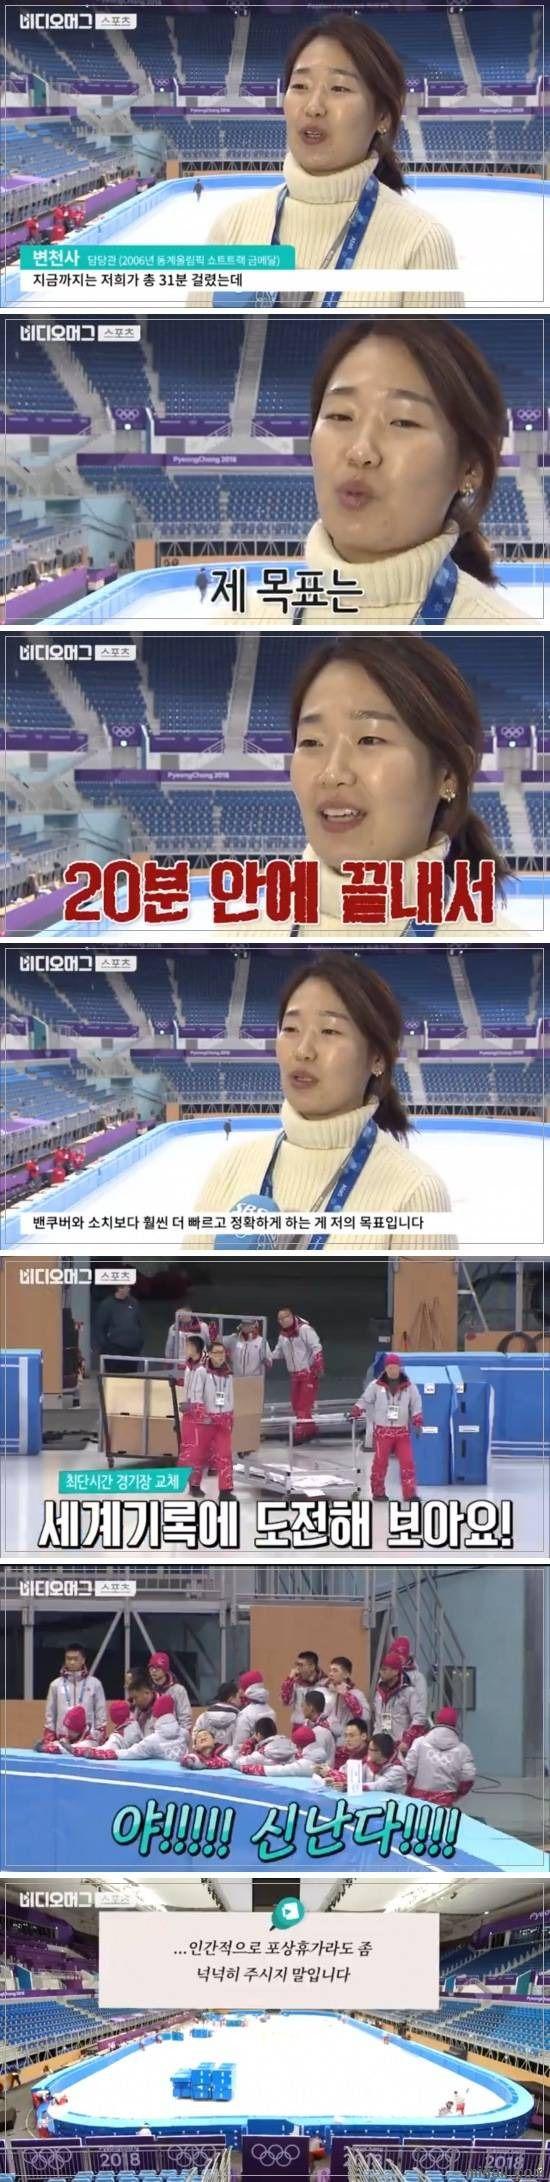 비디오 머그 변천사 담당 동계올림픽 쇼트트랙 금메달 지금 저희 비디오 머그 목표 비디오 머그 비디오 머그